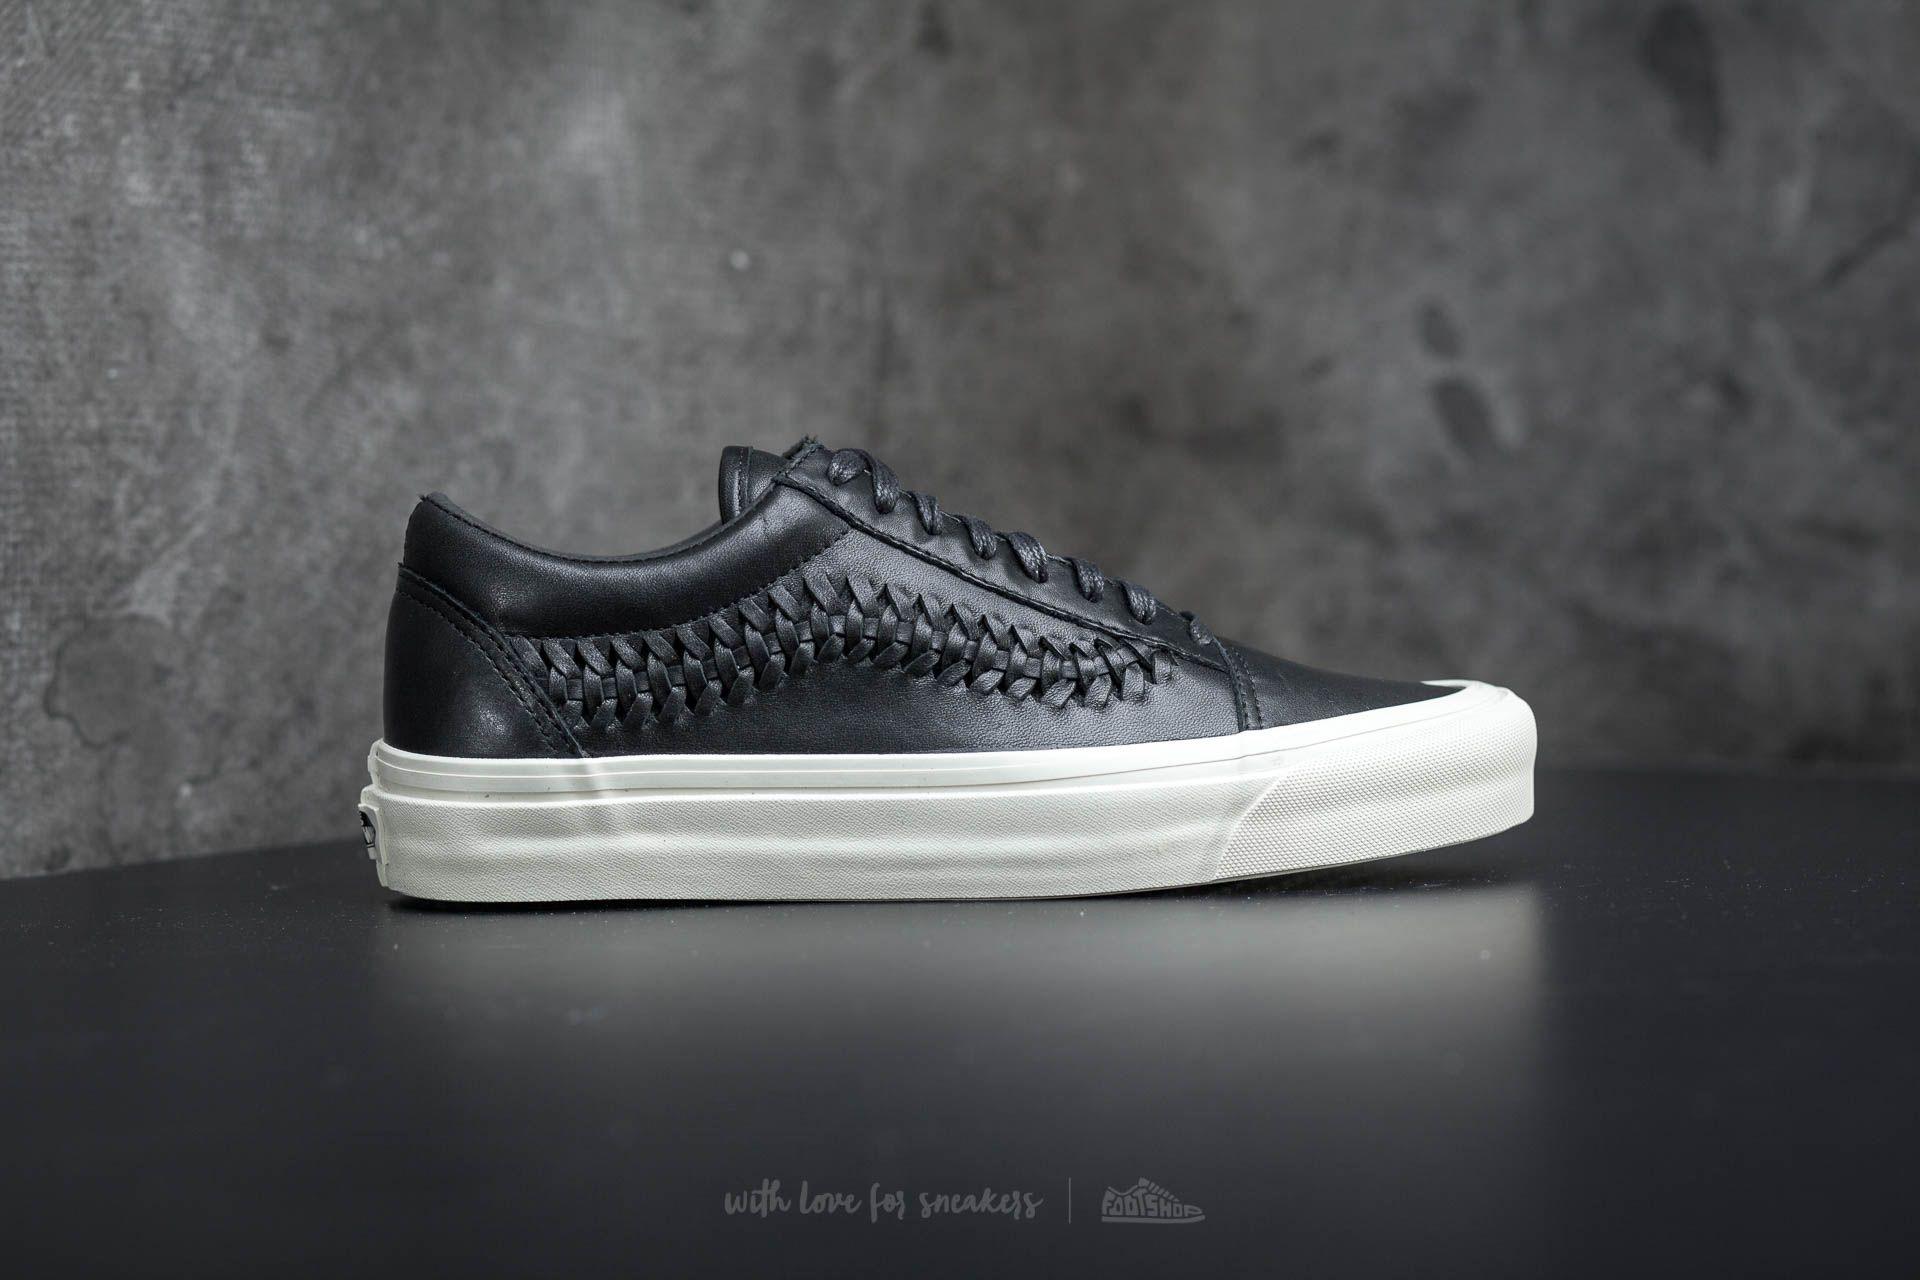 Vans Old Skool Weave DX Leather Black | Footshop